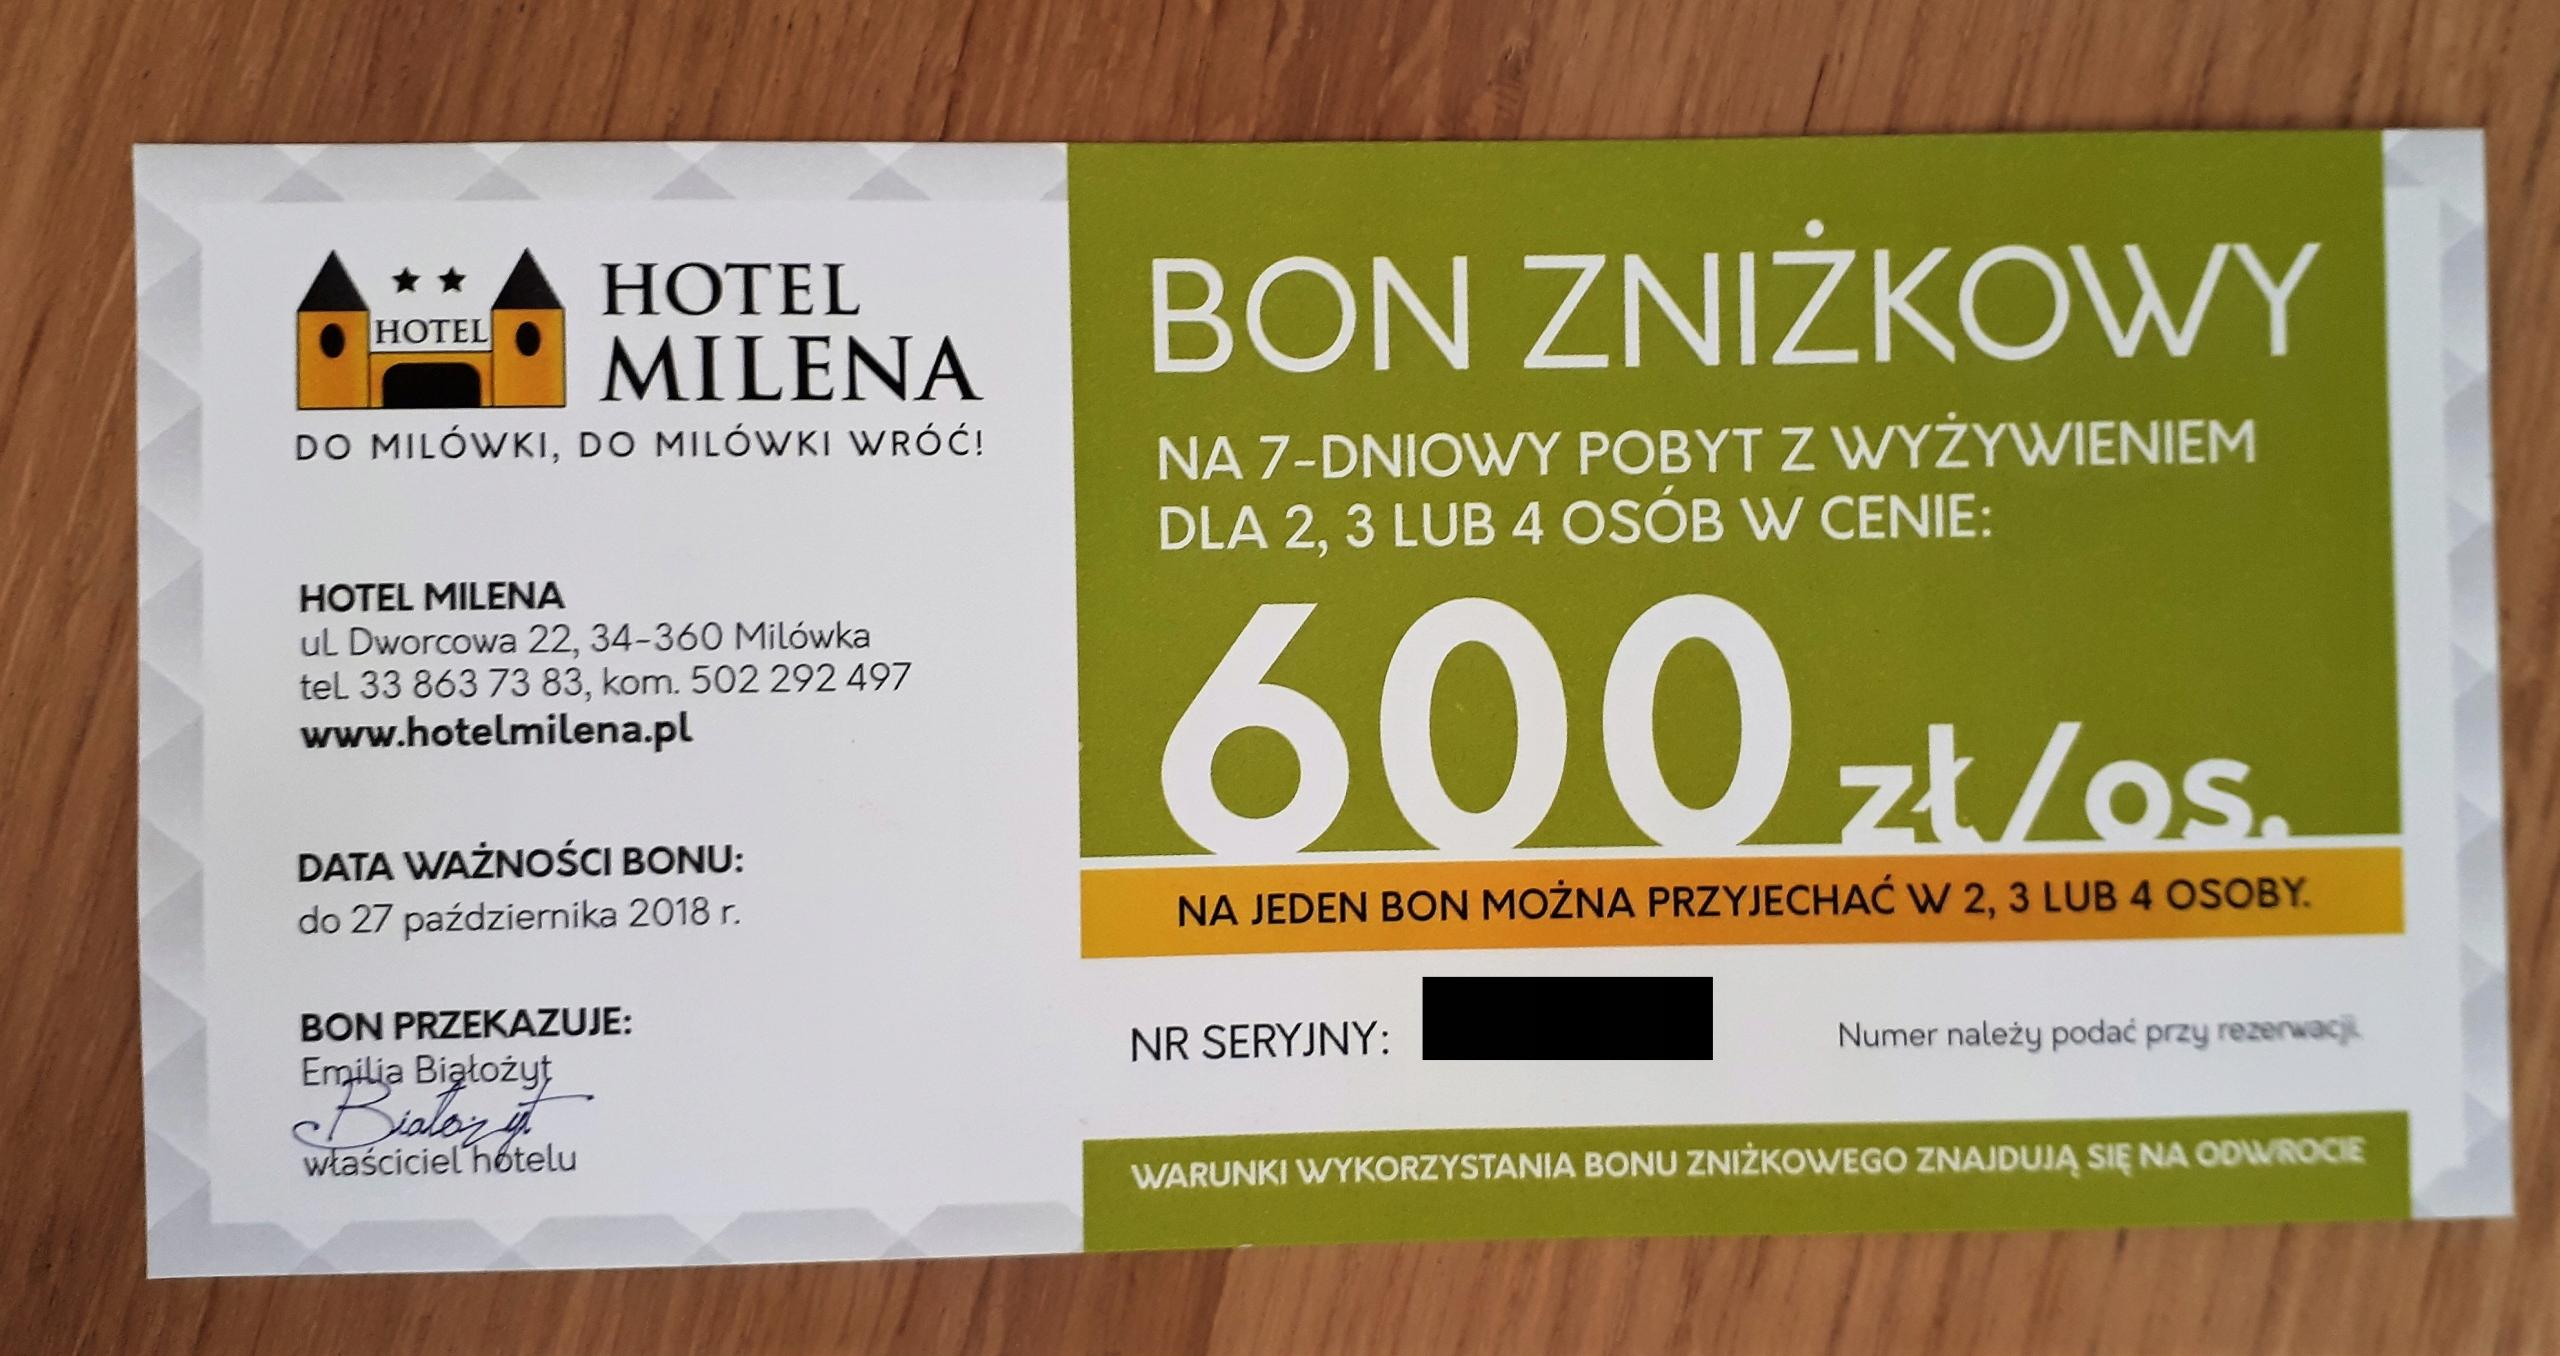 Bon zniżkowy Hotel Milena w Milówce - nawet 600 zł